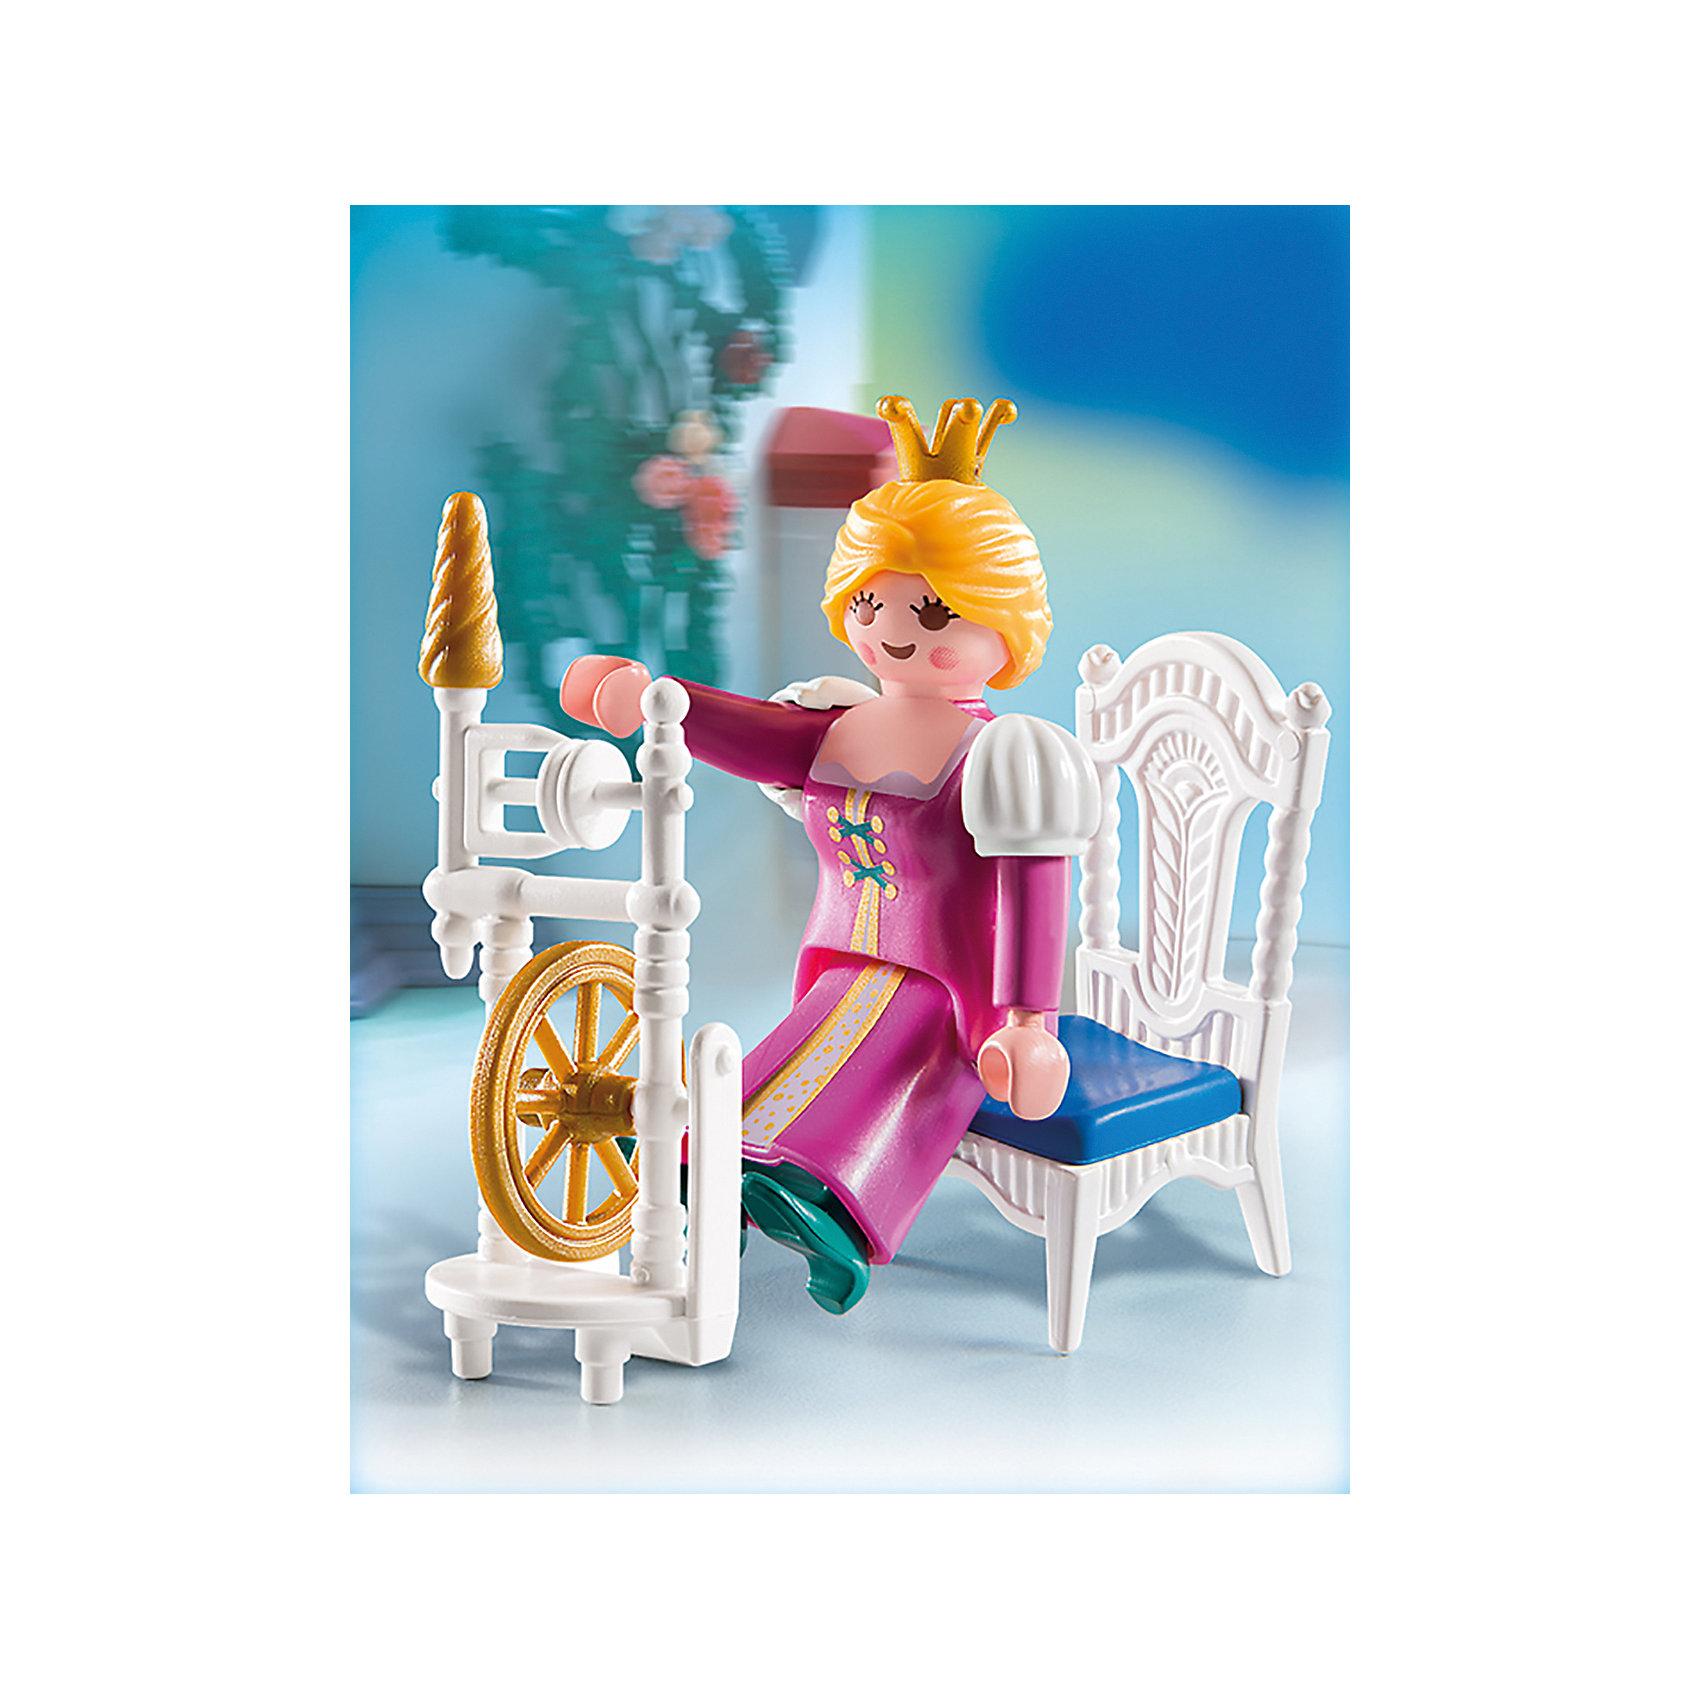 PLAYMOBIL® Экстра-набор: Принцесса с прялкой, PLAYMOBIL playmobil® экстра набор сёрфингист с доской playmobil